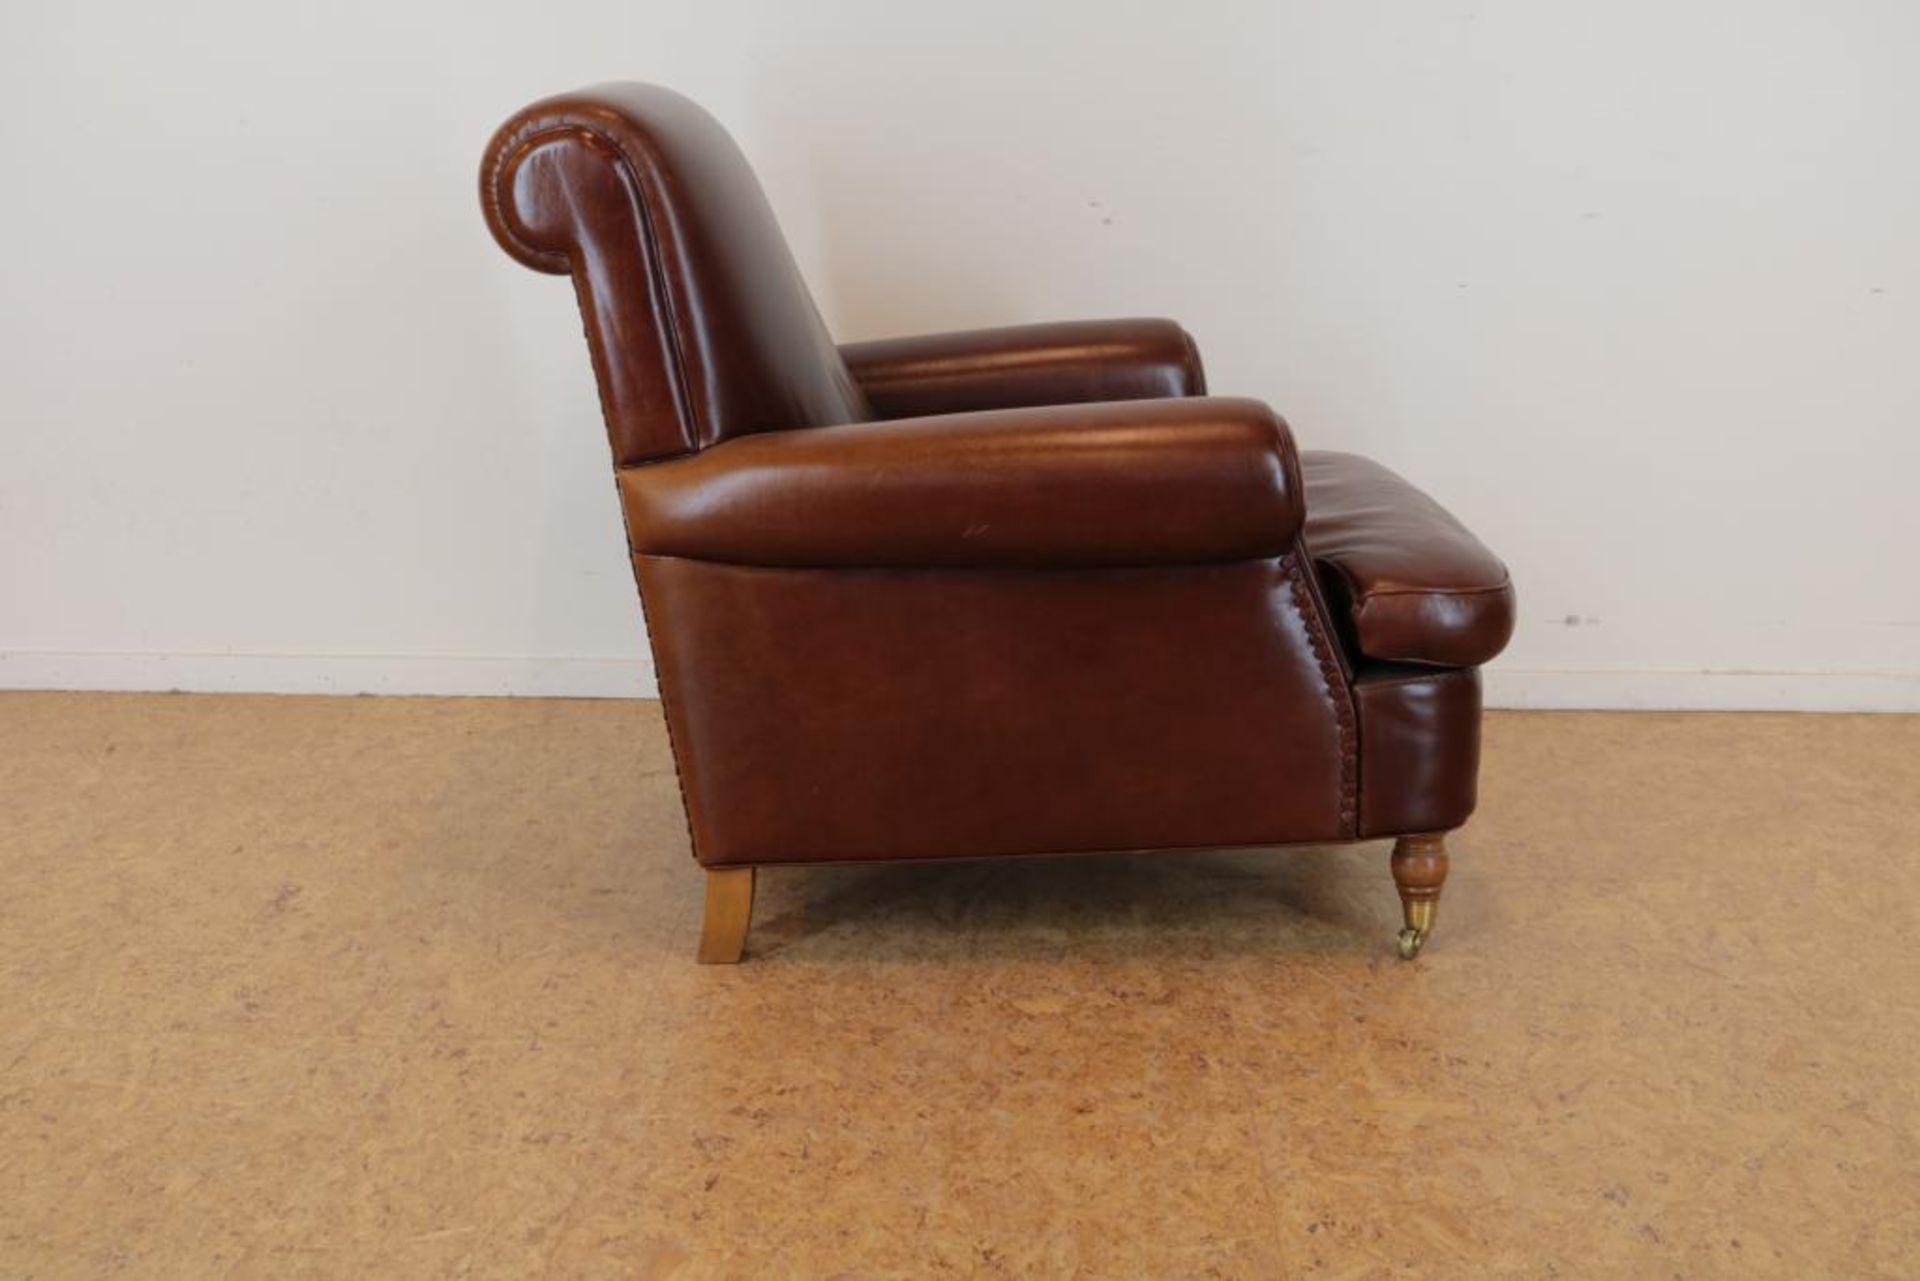 Bruinlederen Baxter fauteuil - Image 4 of 5